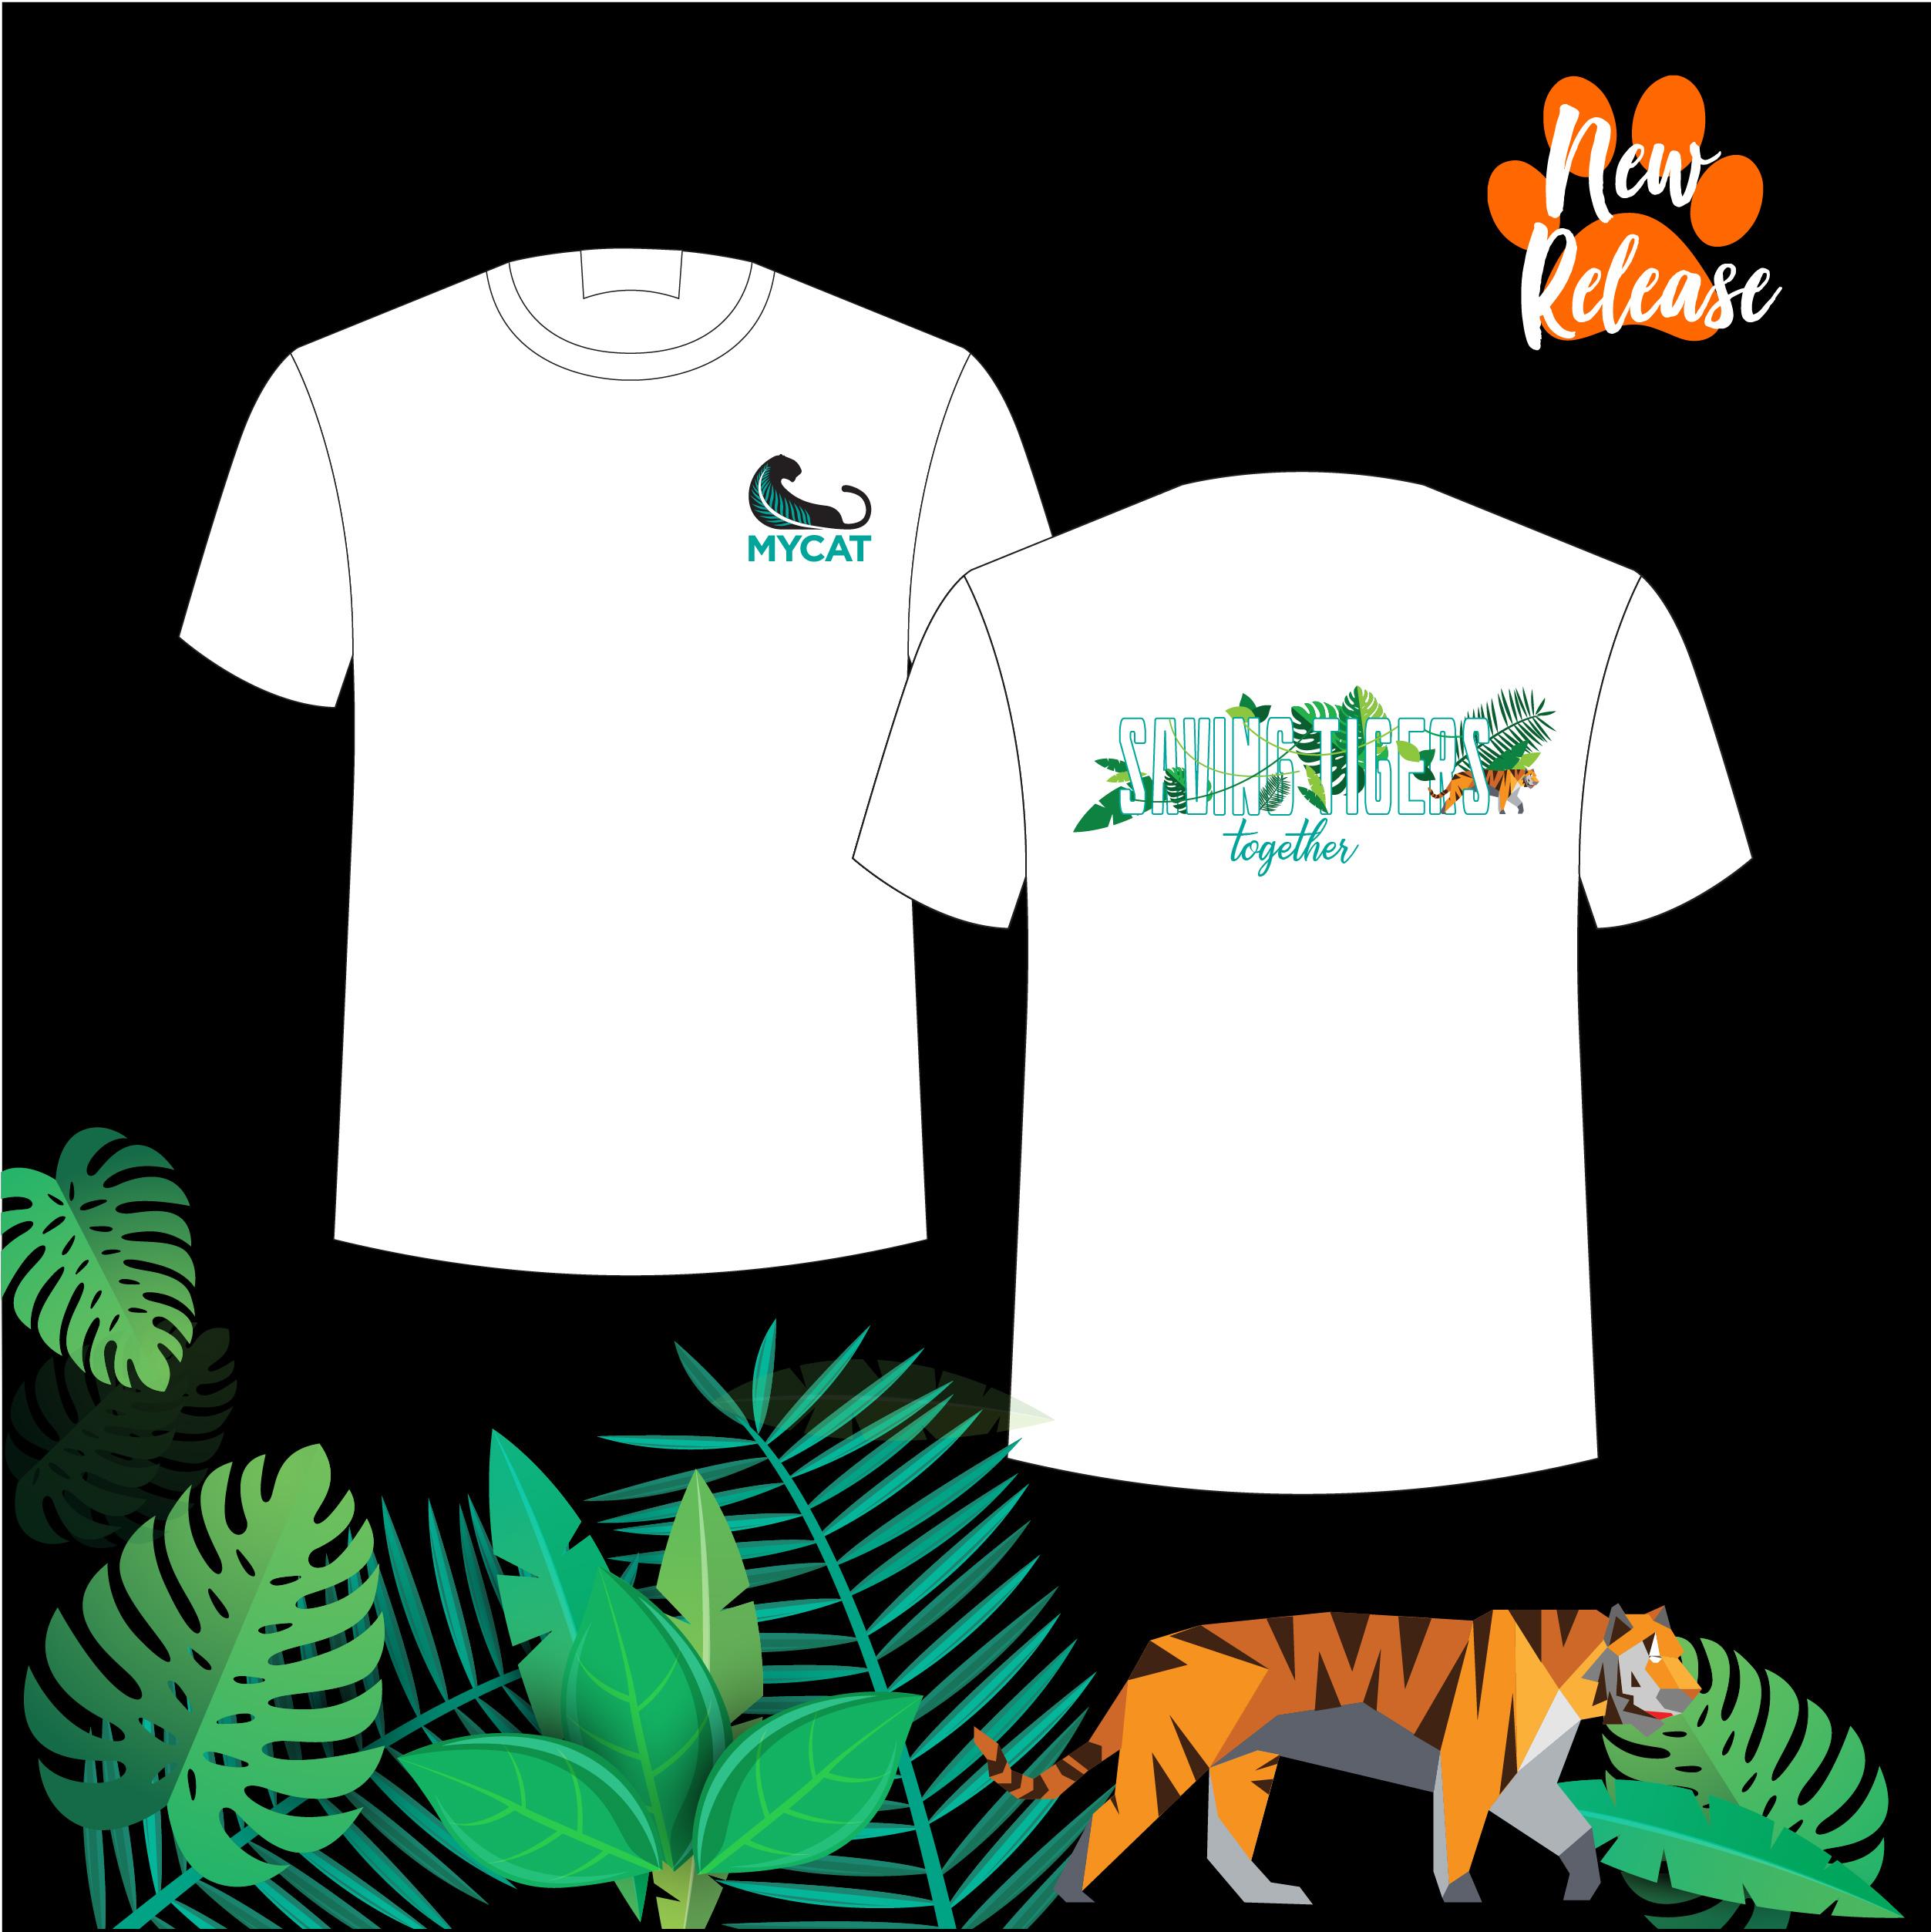 Tshirt Promote-02